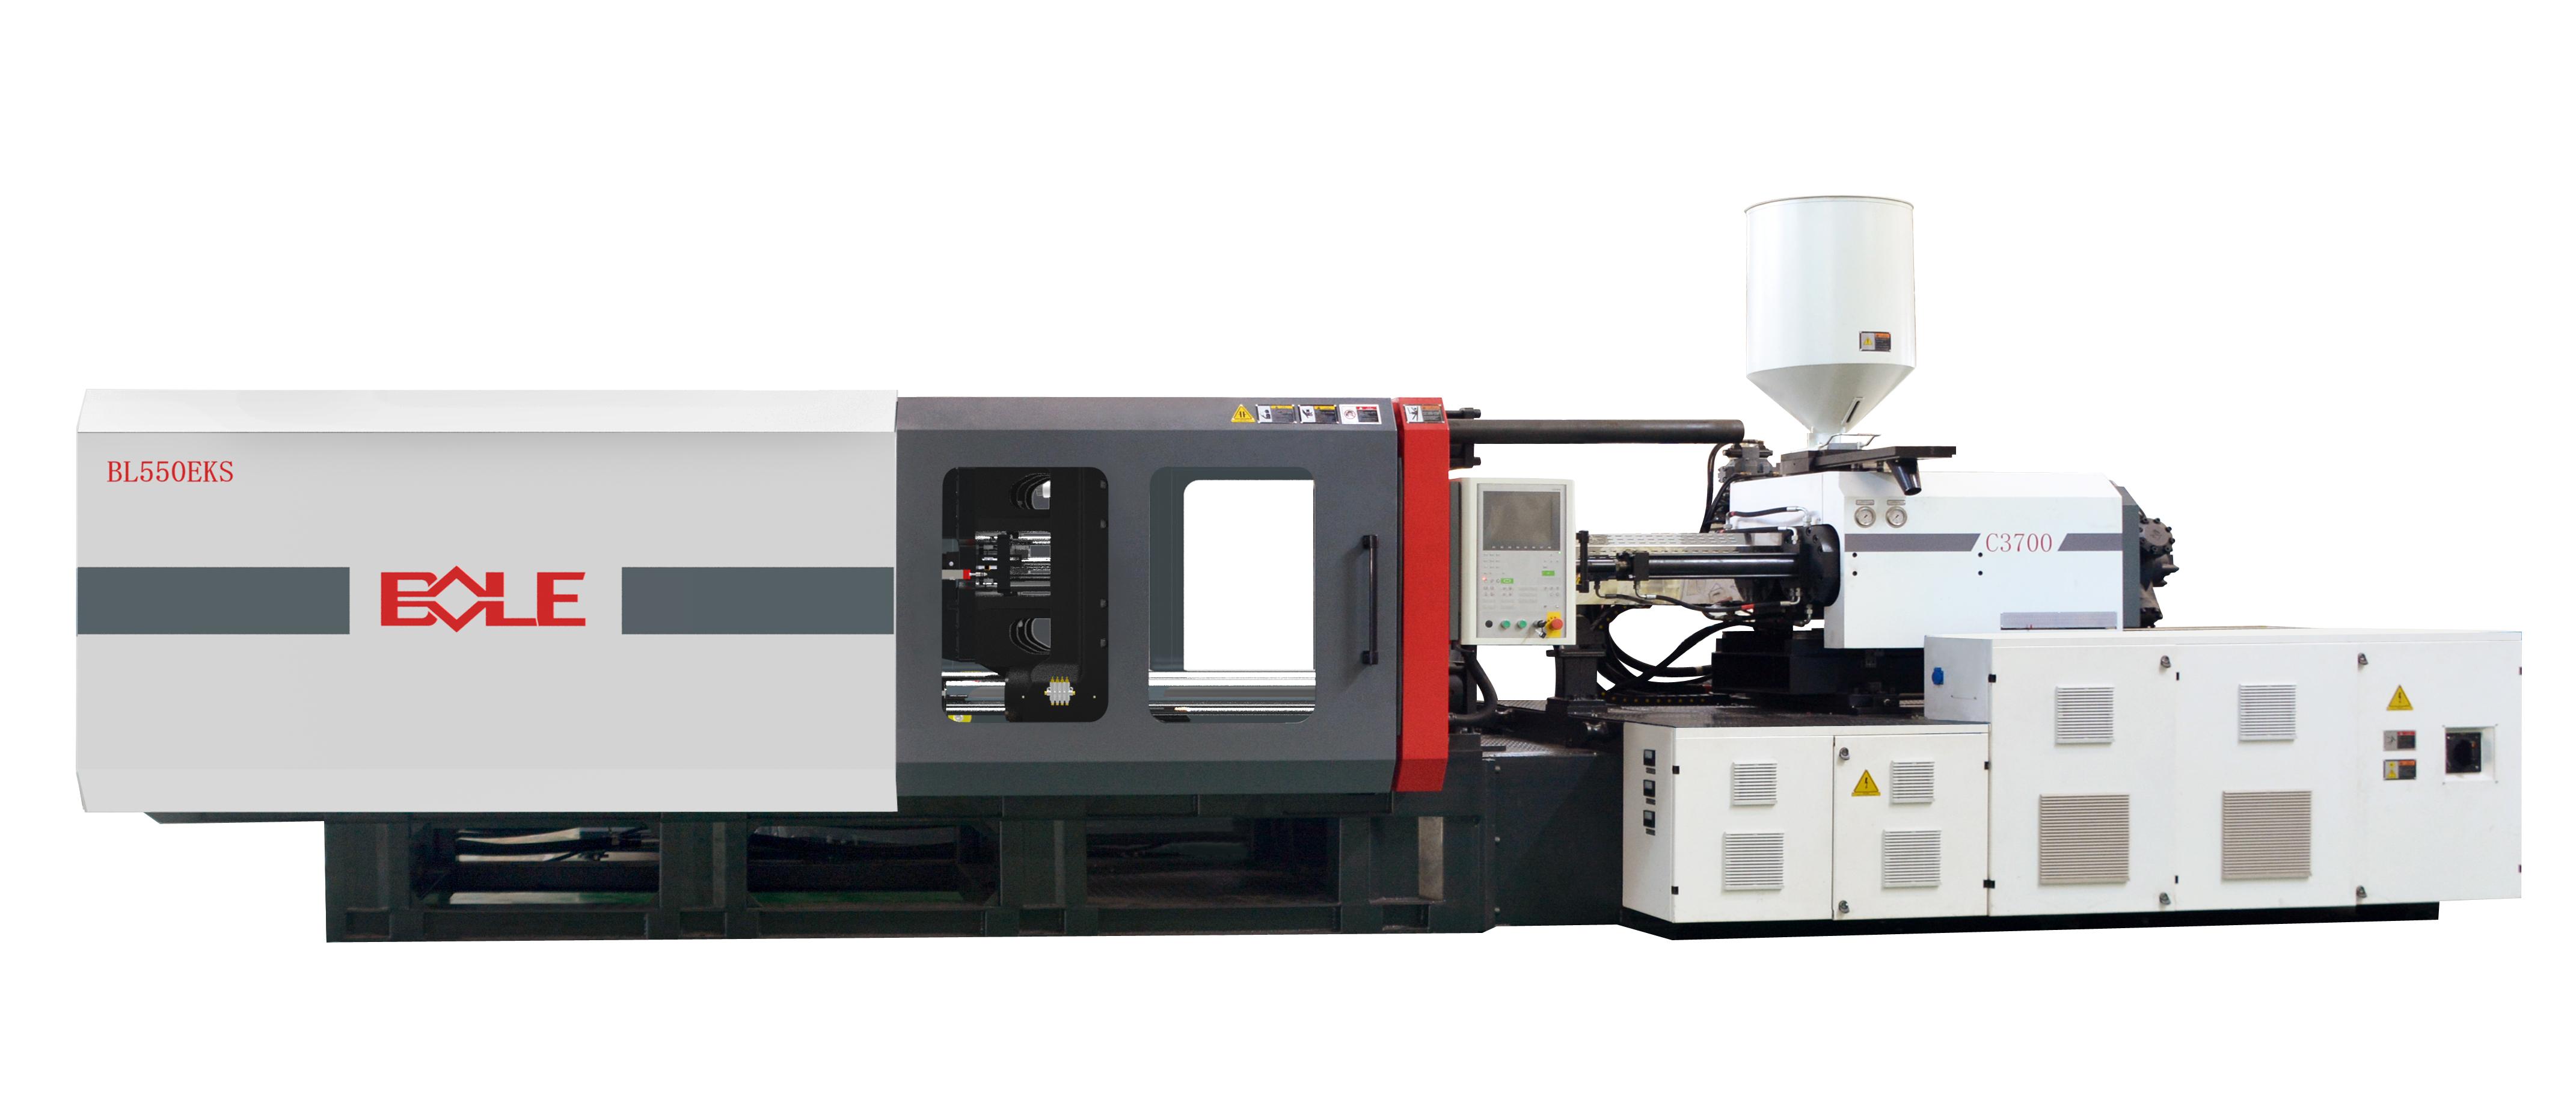 เครื่องฉีดพลาสติกระบบไฮดรอลิกเซอร์โวมอเตอร์ รุ่น EKS (70-4,000 ตัน)